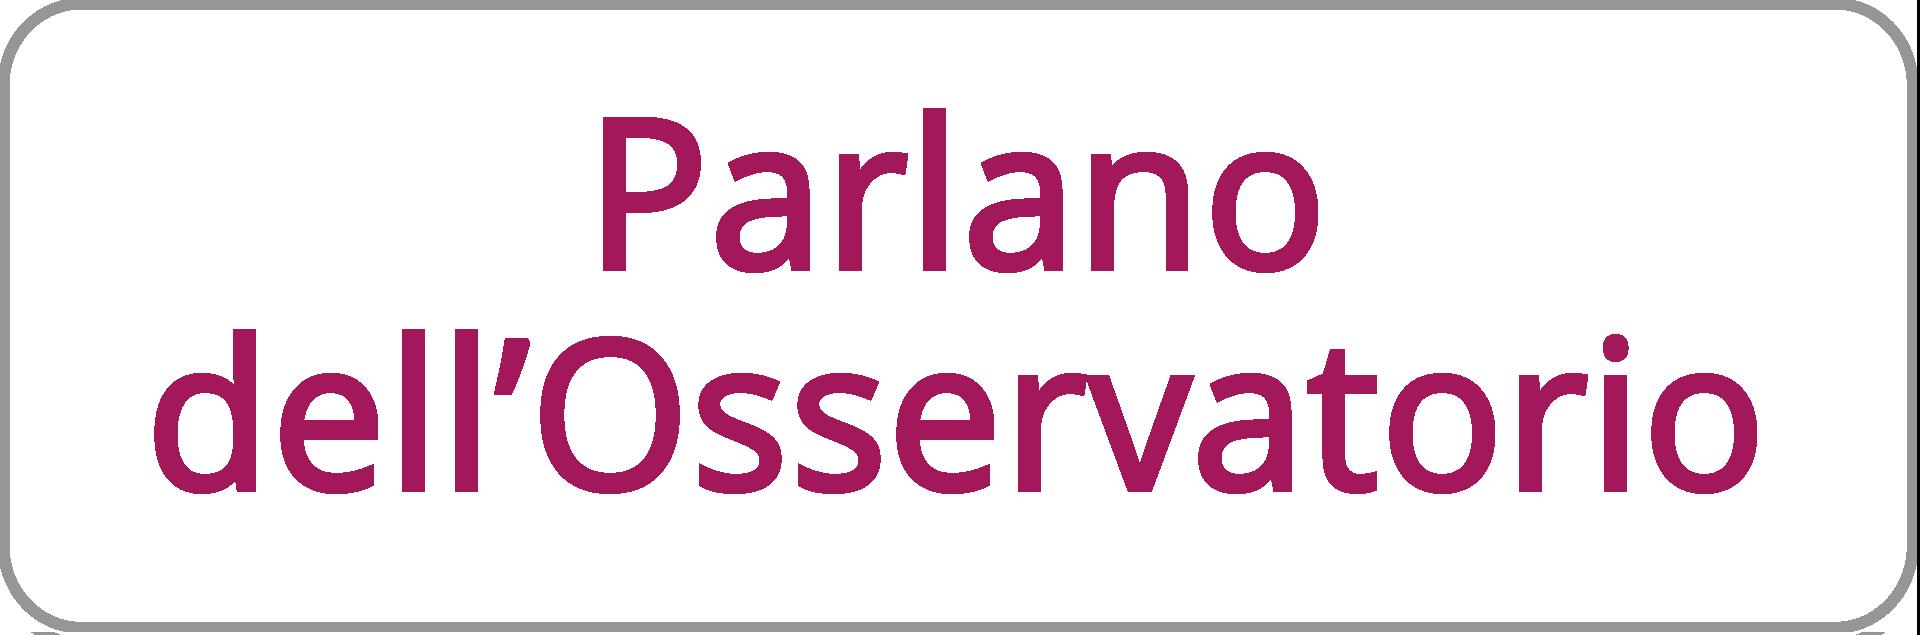 parlano-dell'osservatorio-logo